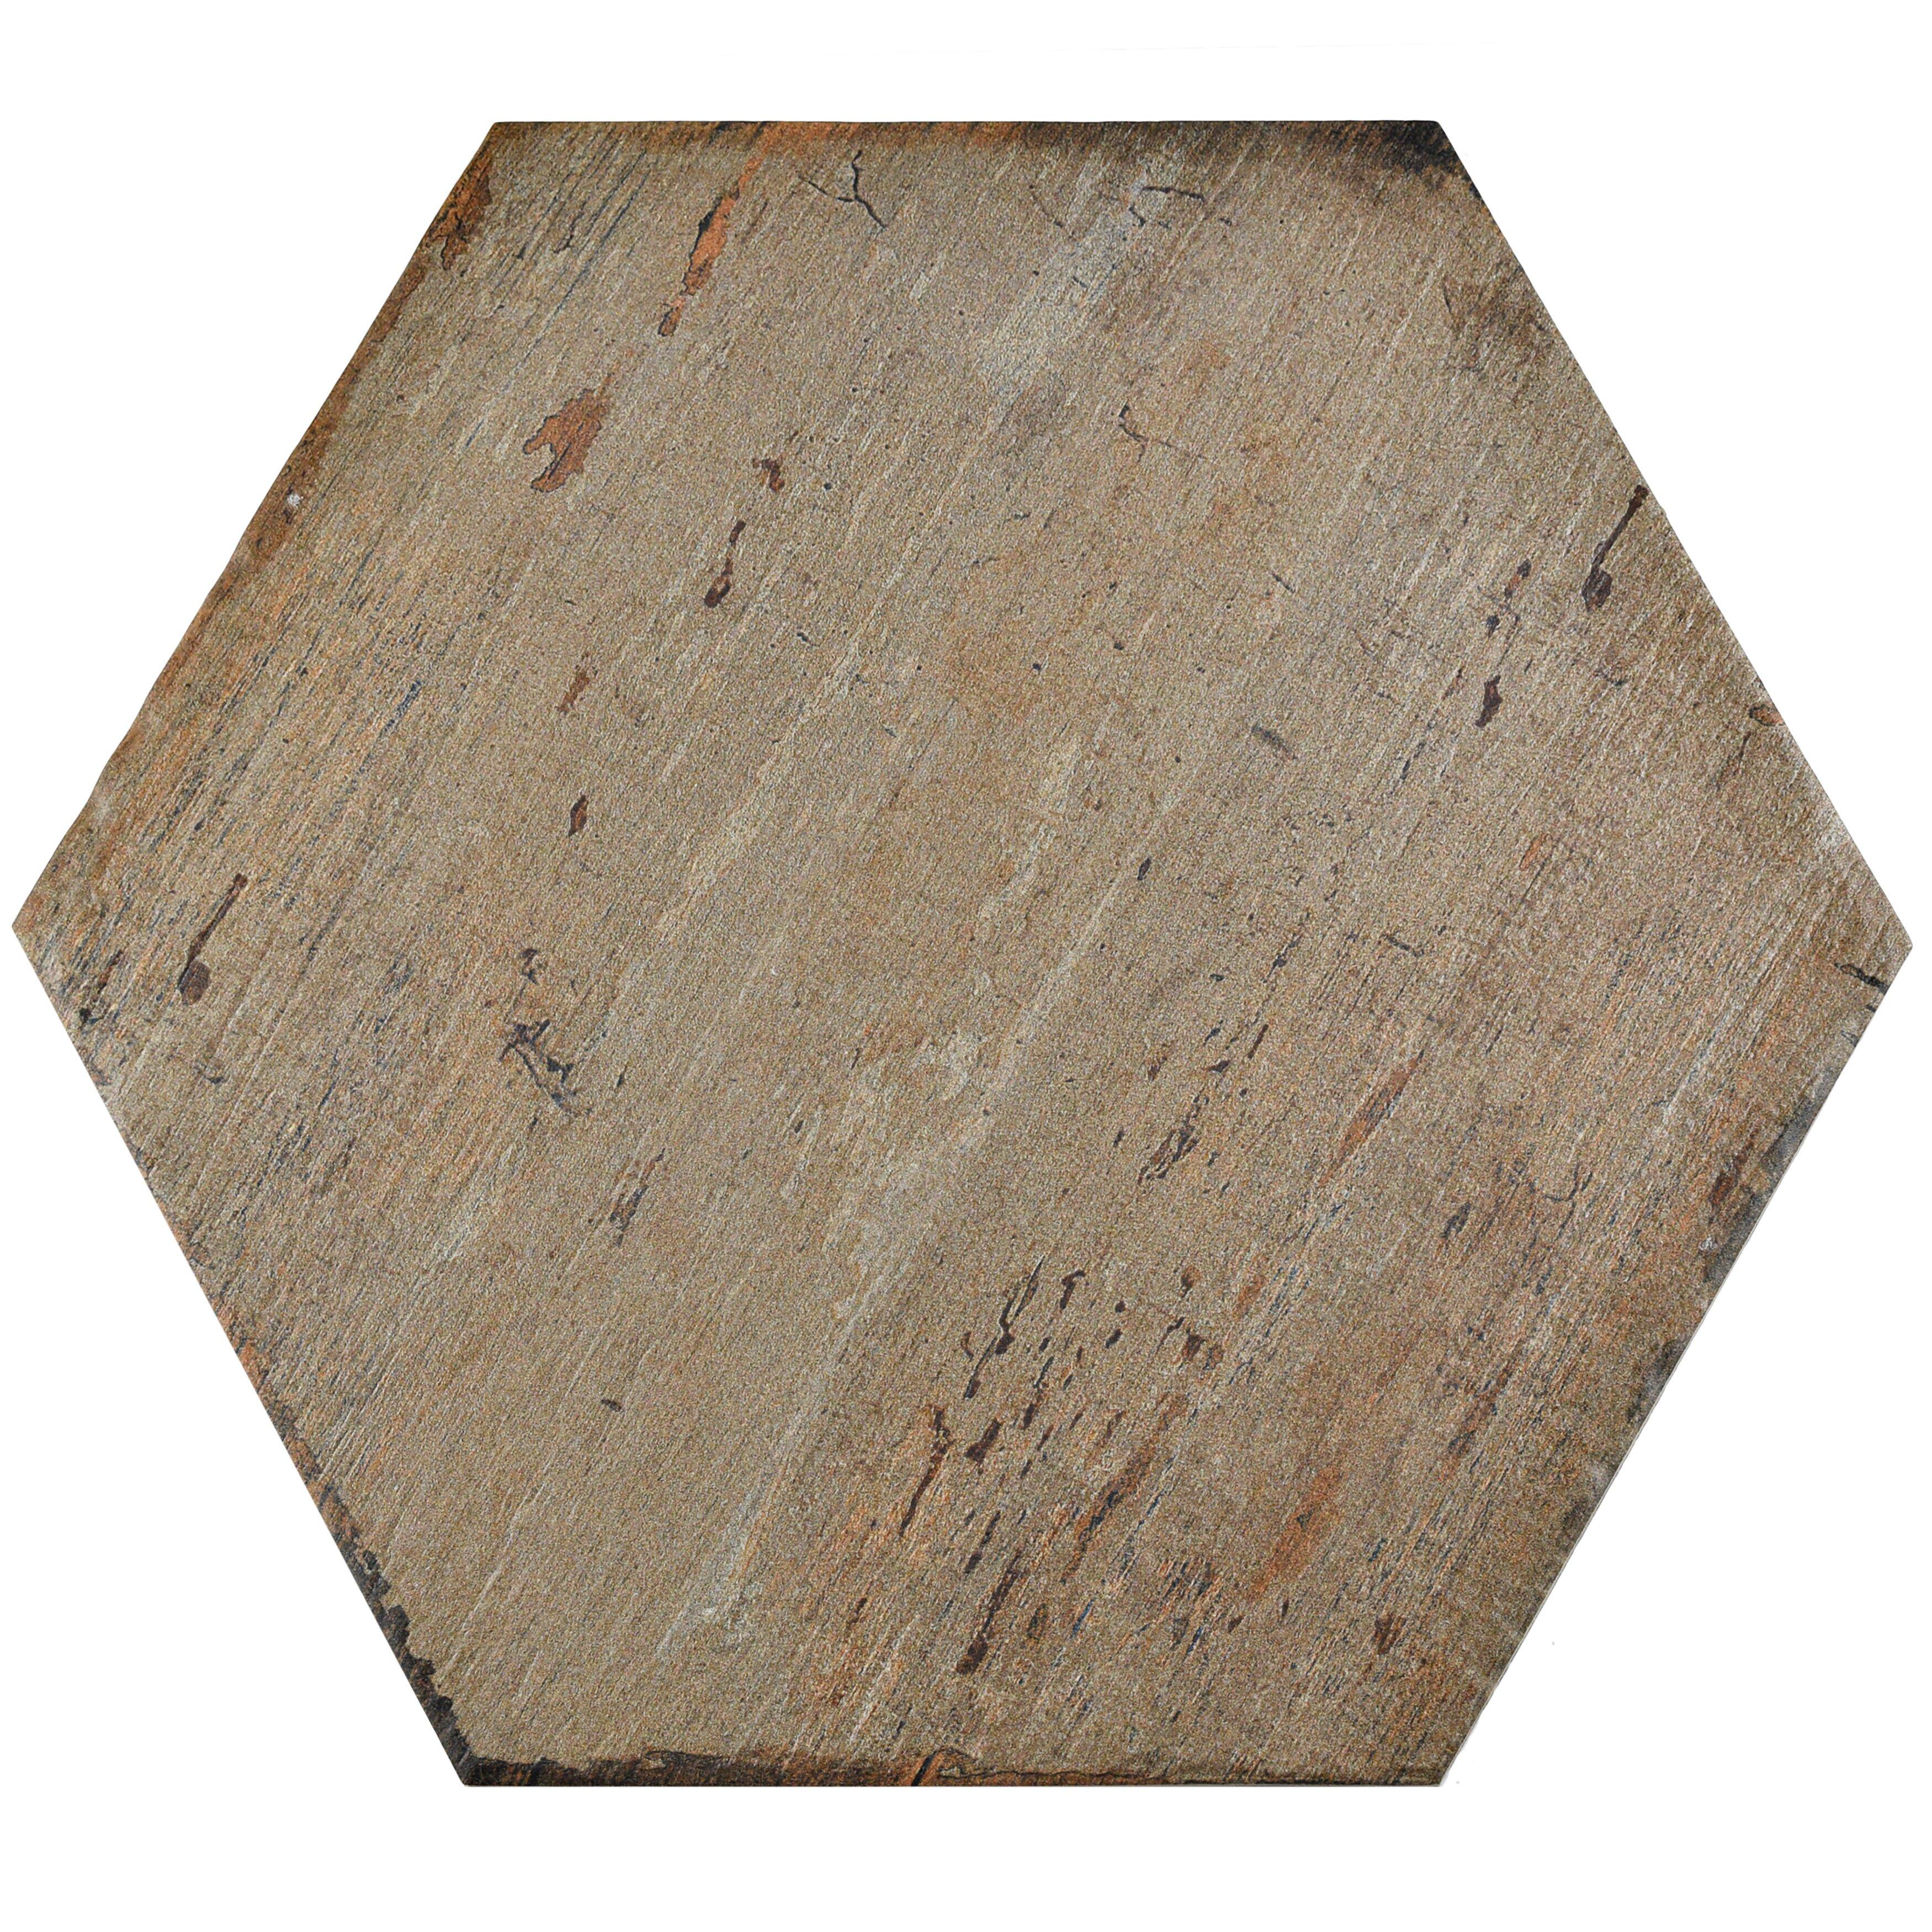 Elitetile Rama Hexagon 14 13 Quot X 16 25 Quot Porcelain Mosaic